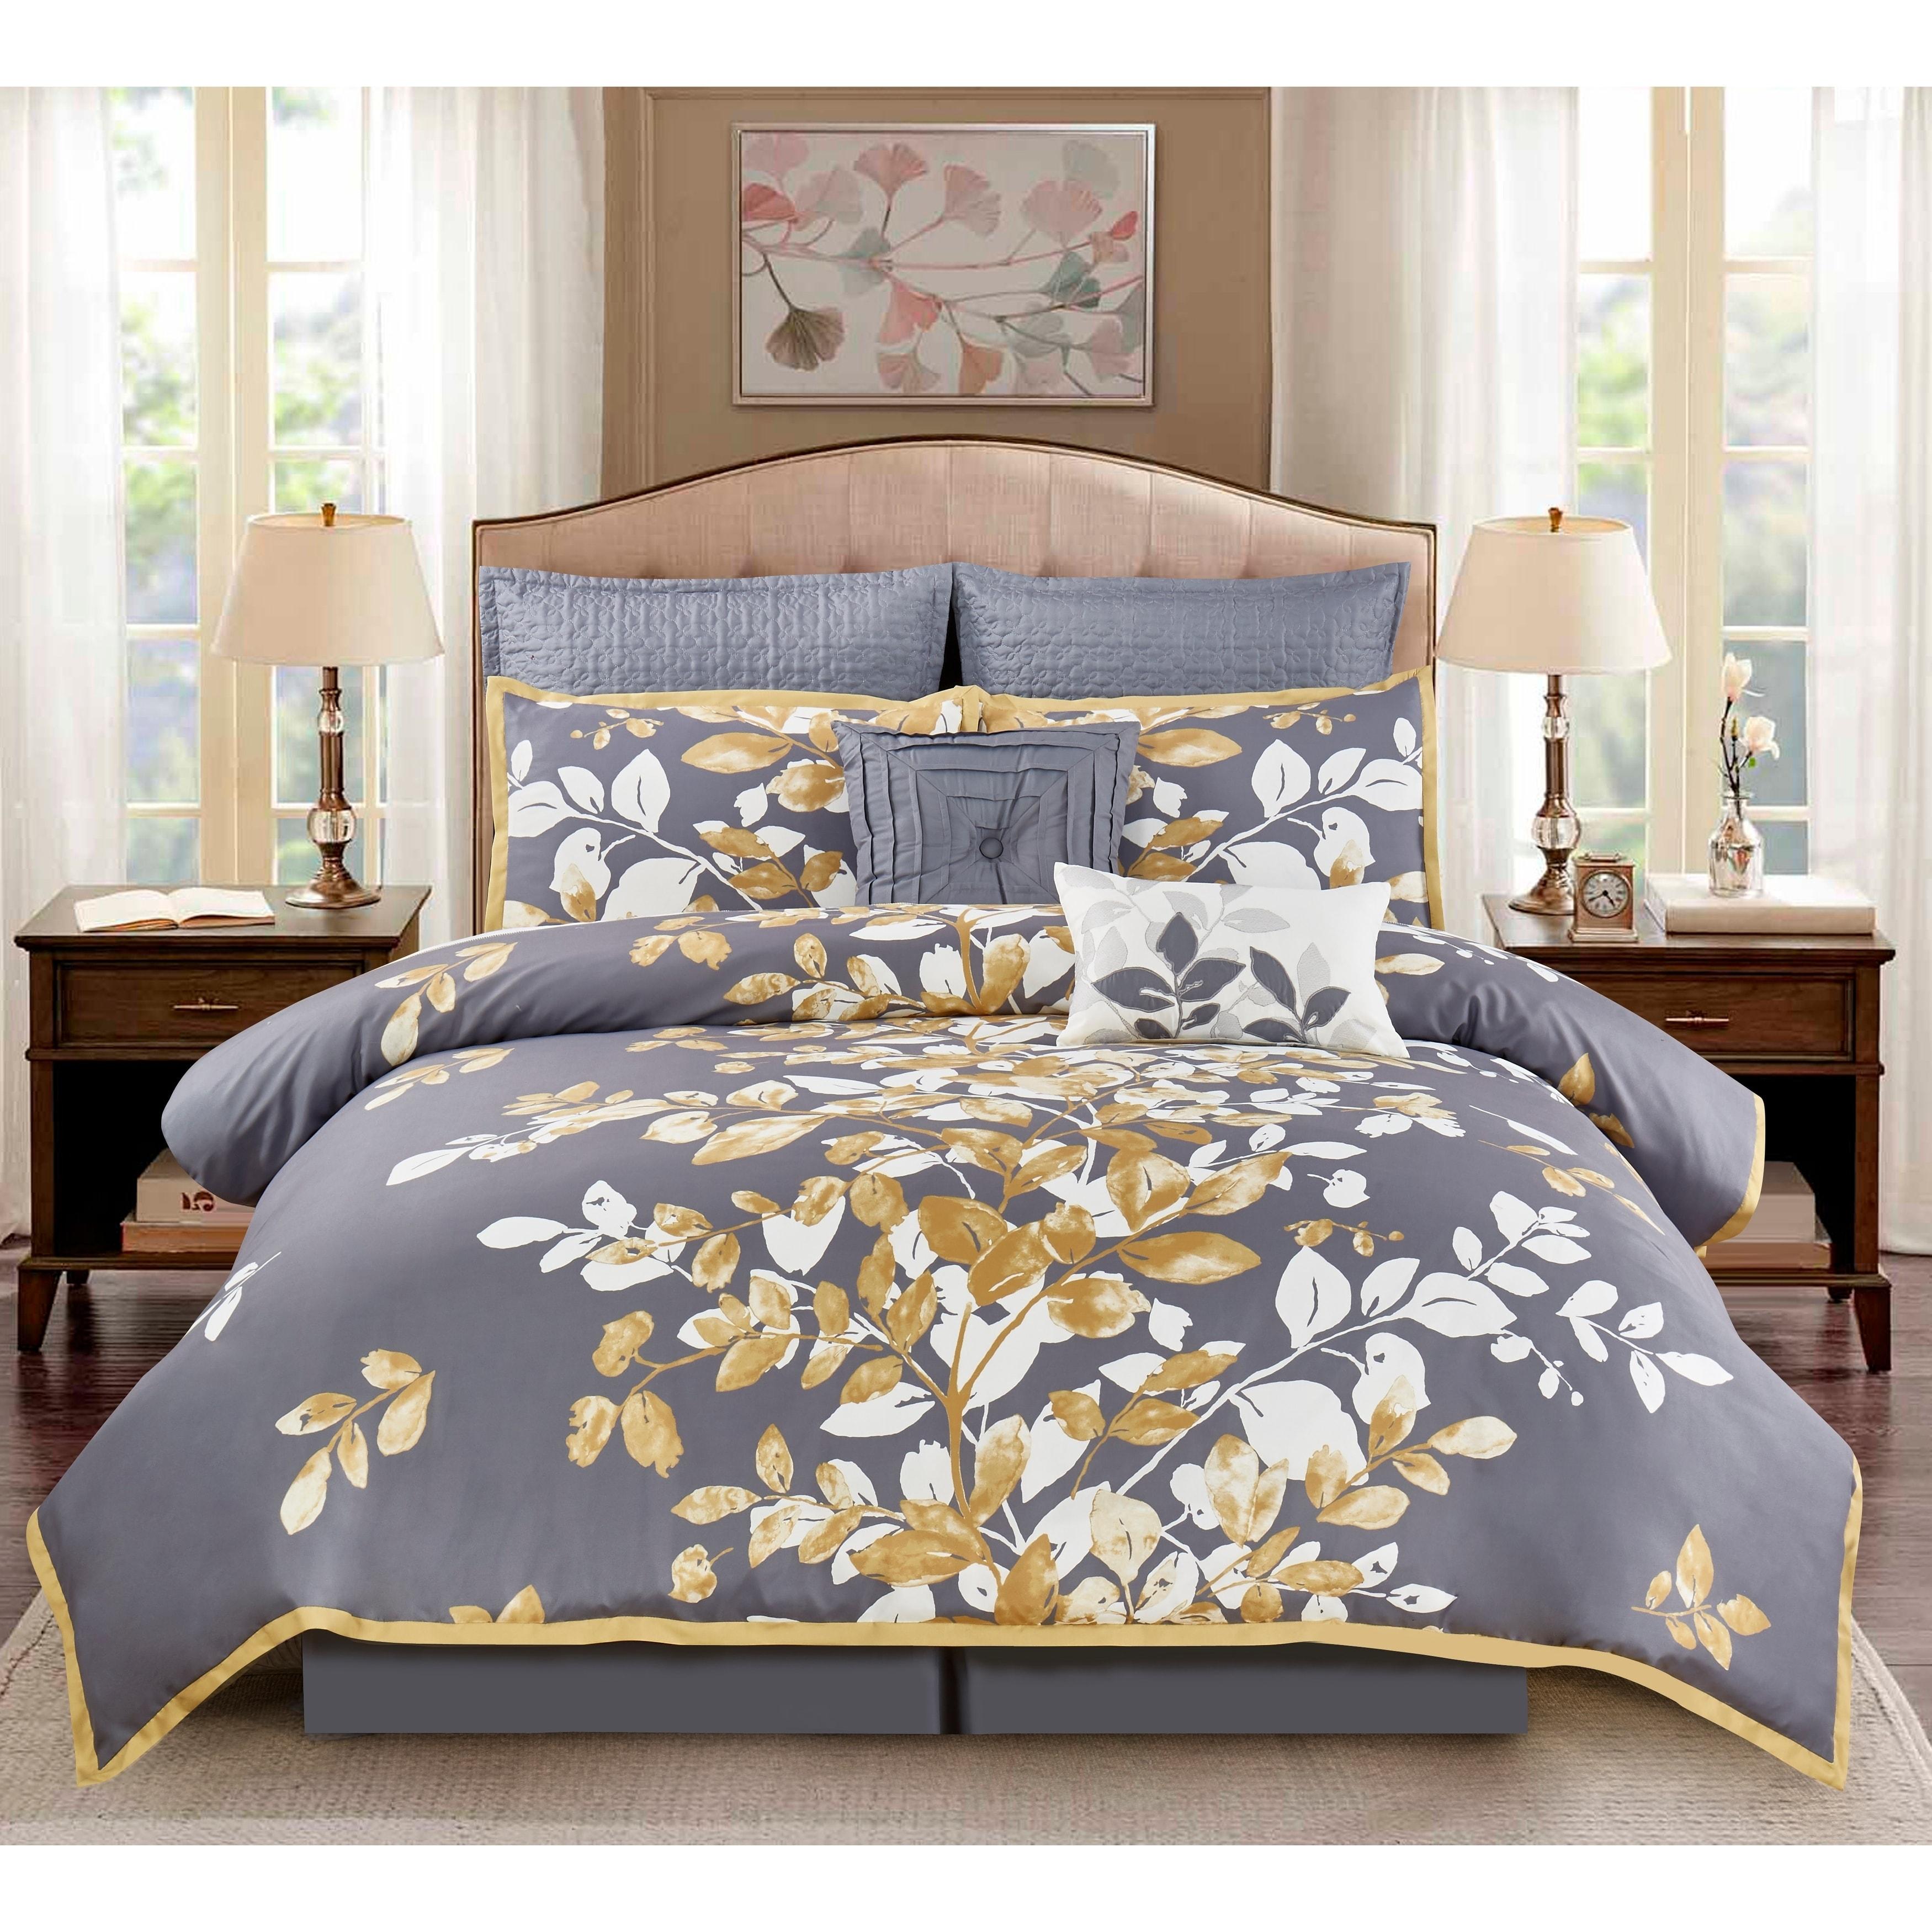 Wonder Home Mila 8PC Embellished forter Set King Grey